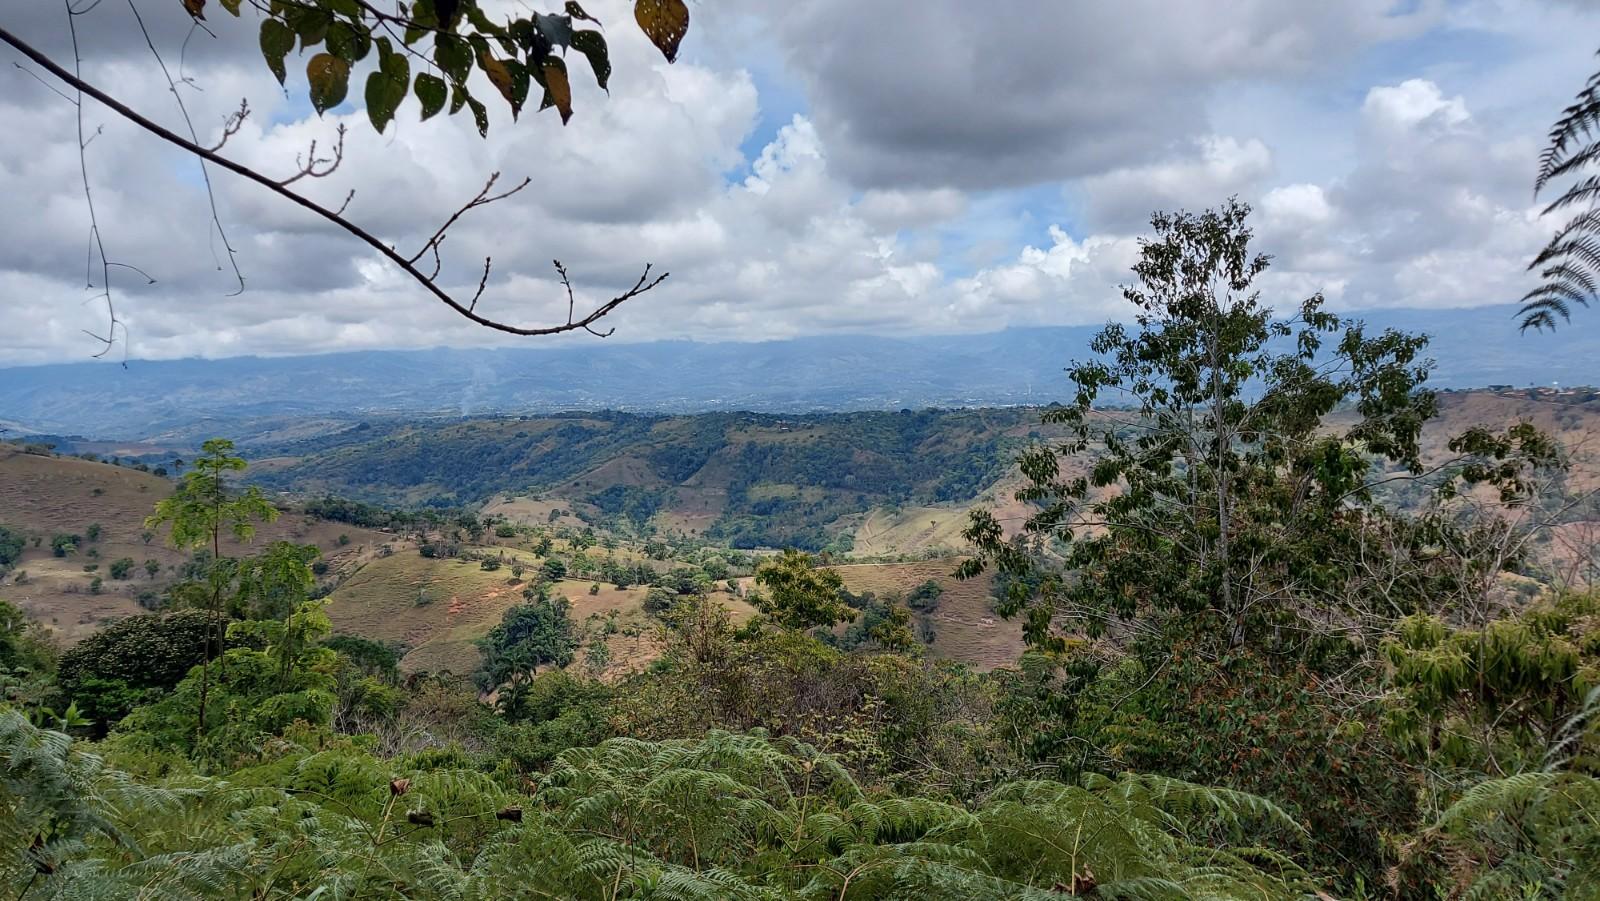 Finca Sueño Vivo: Rural Tropical Homestead in San Agustin, Perez Zeledon